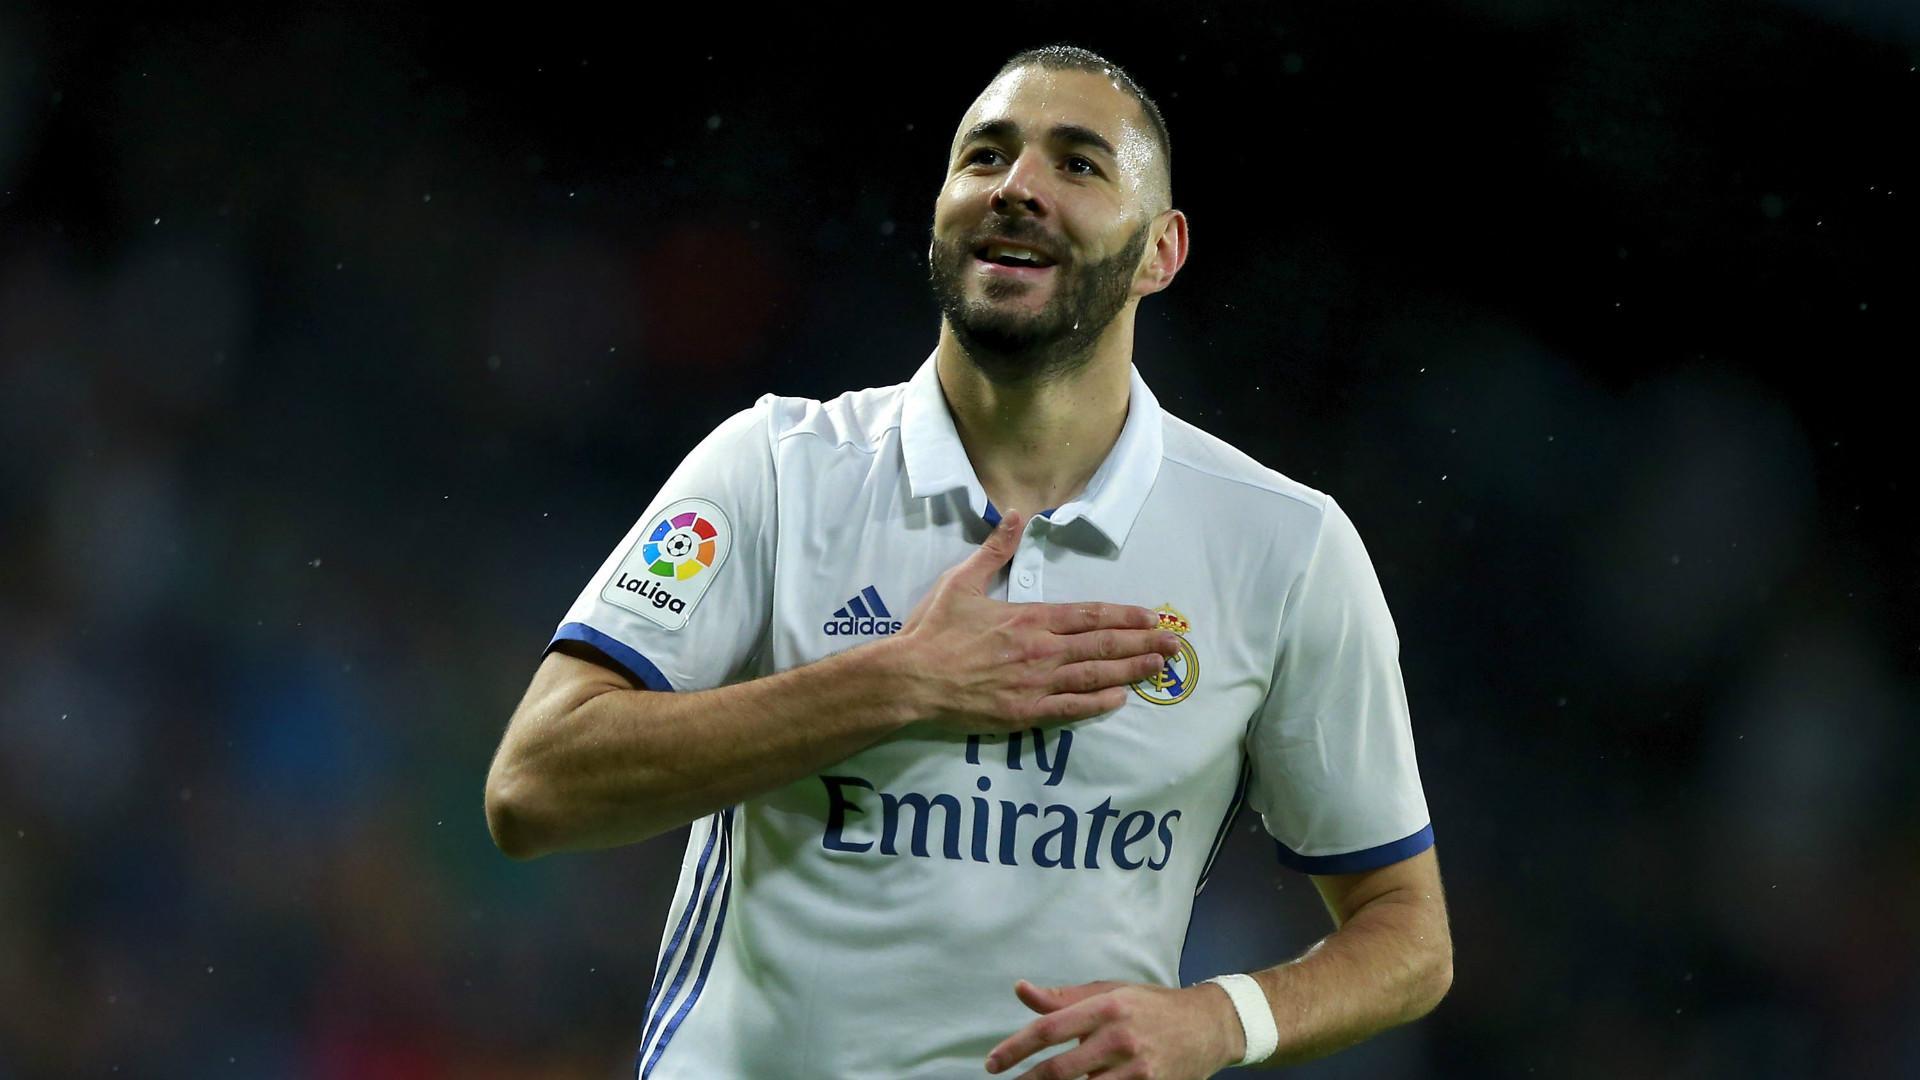 如何评价 2016–2017 赛季欧冠半决赛次回合马德里竞技 2:1 皇家马德里的比赛?